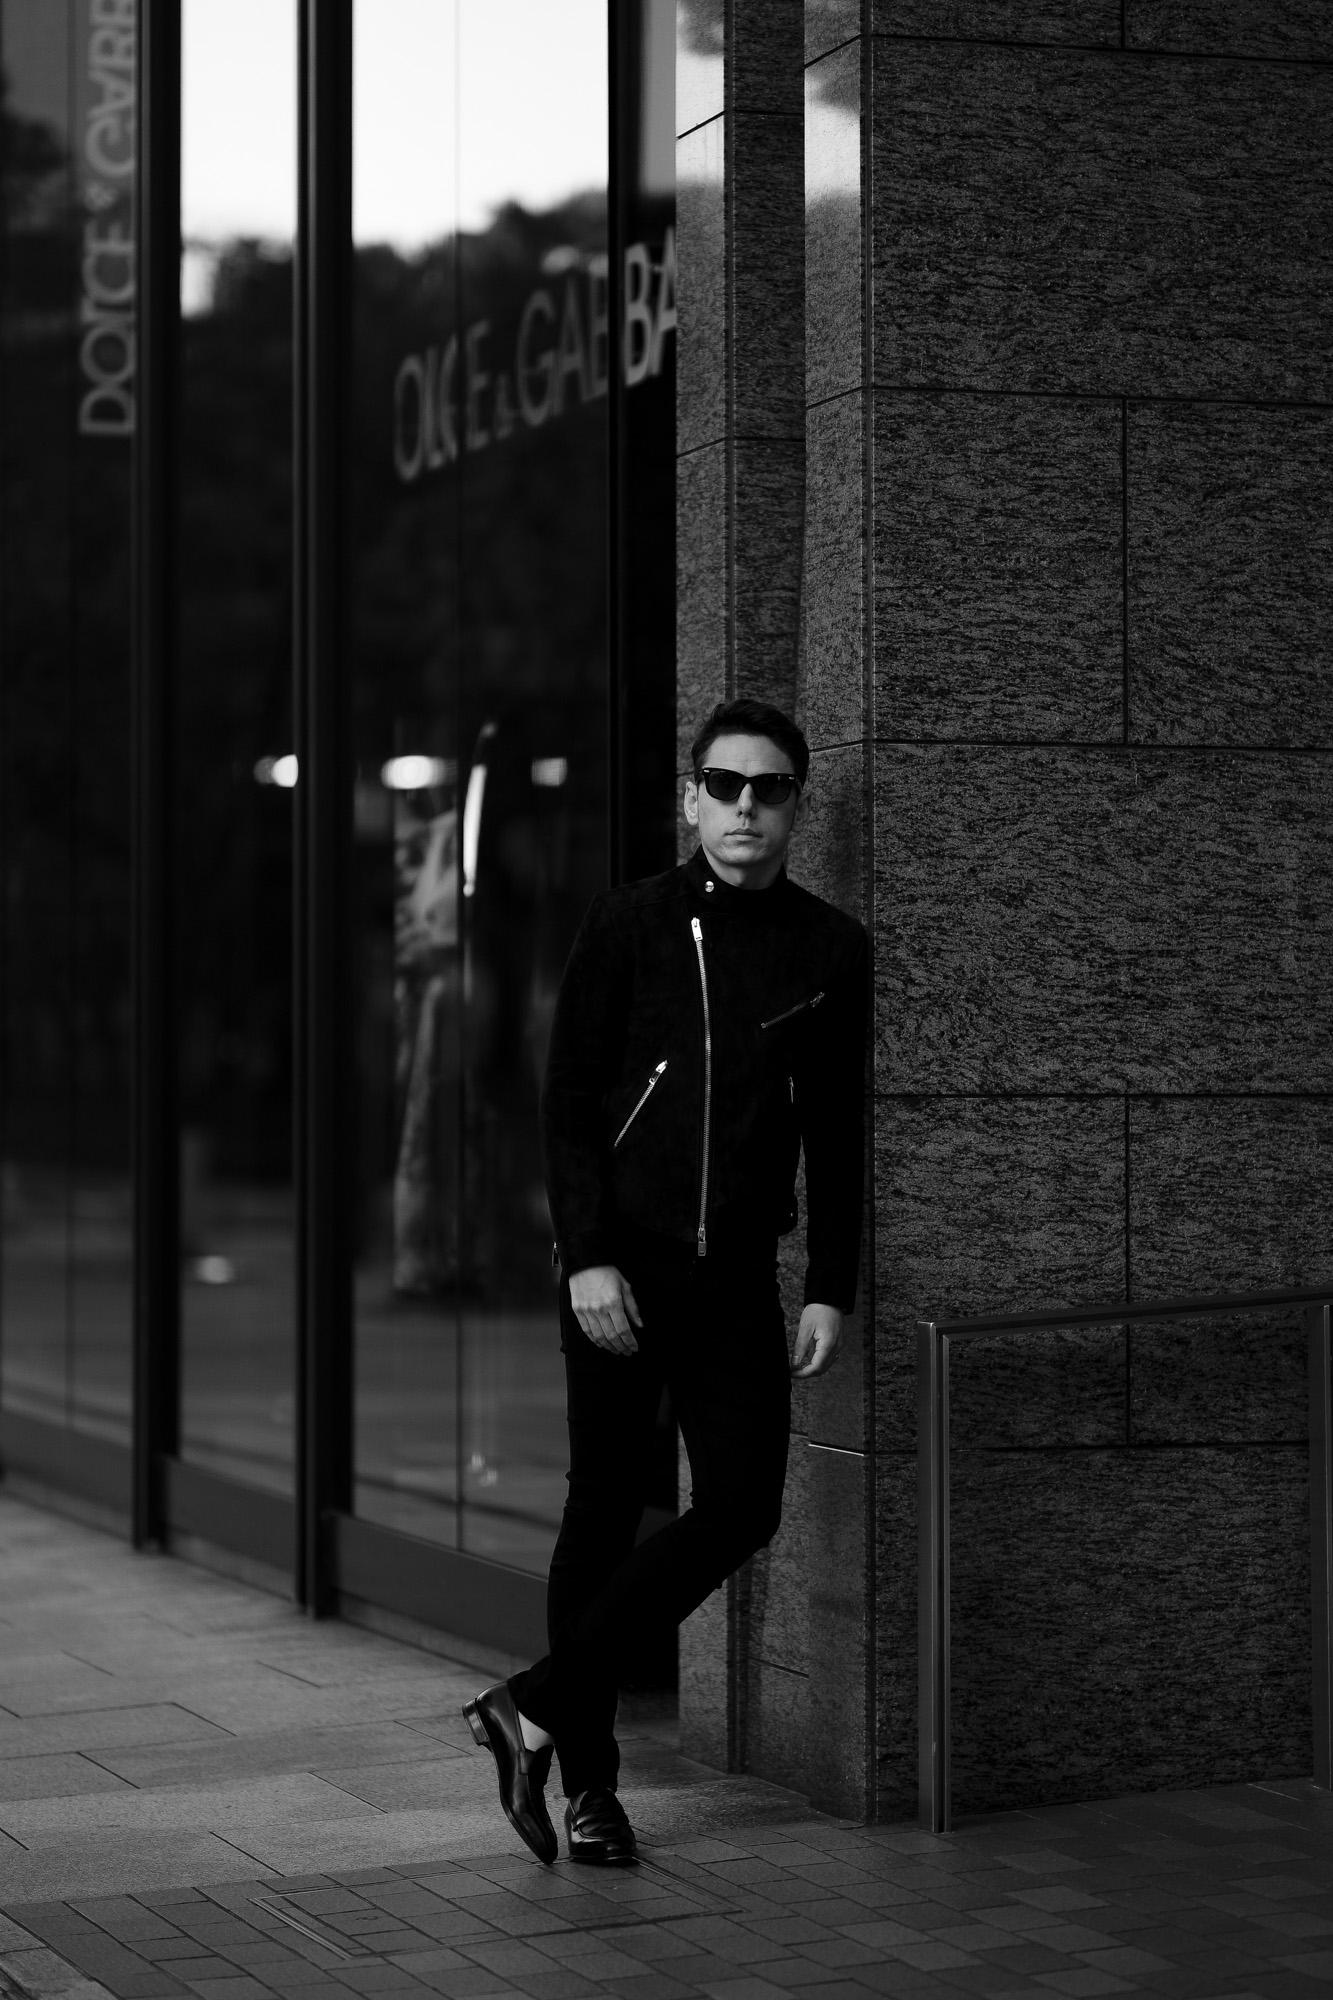 FIXER(フィクサー) F1(エフワン) DOUBLE RIDERS Cashmere Suede Leather ダブルライダース ジャケット BLACK(ブラック)【ご予約開始します】【2021.5.29(Sat)~2021.6.13(Sun)】 愛知 名古屋 Alto e Diritto altoediritto アルトエデリット レザージャケット ダブルレザー